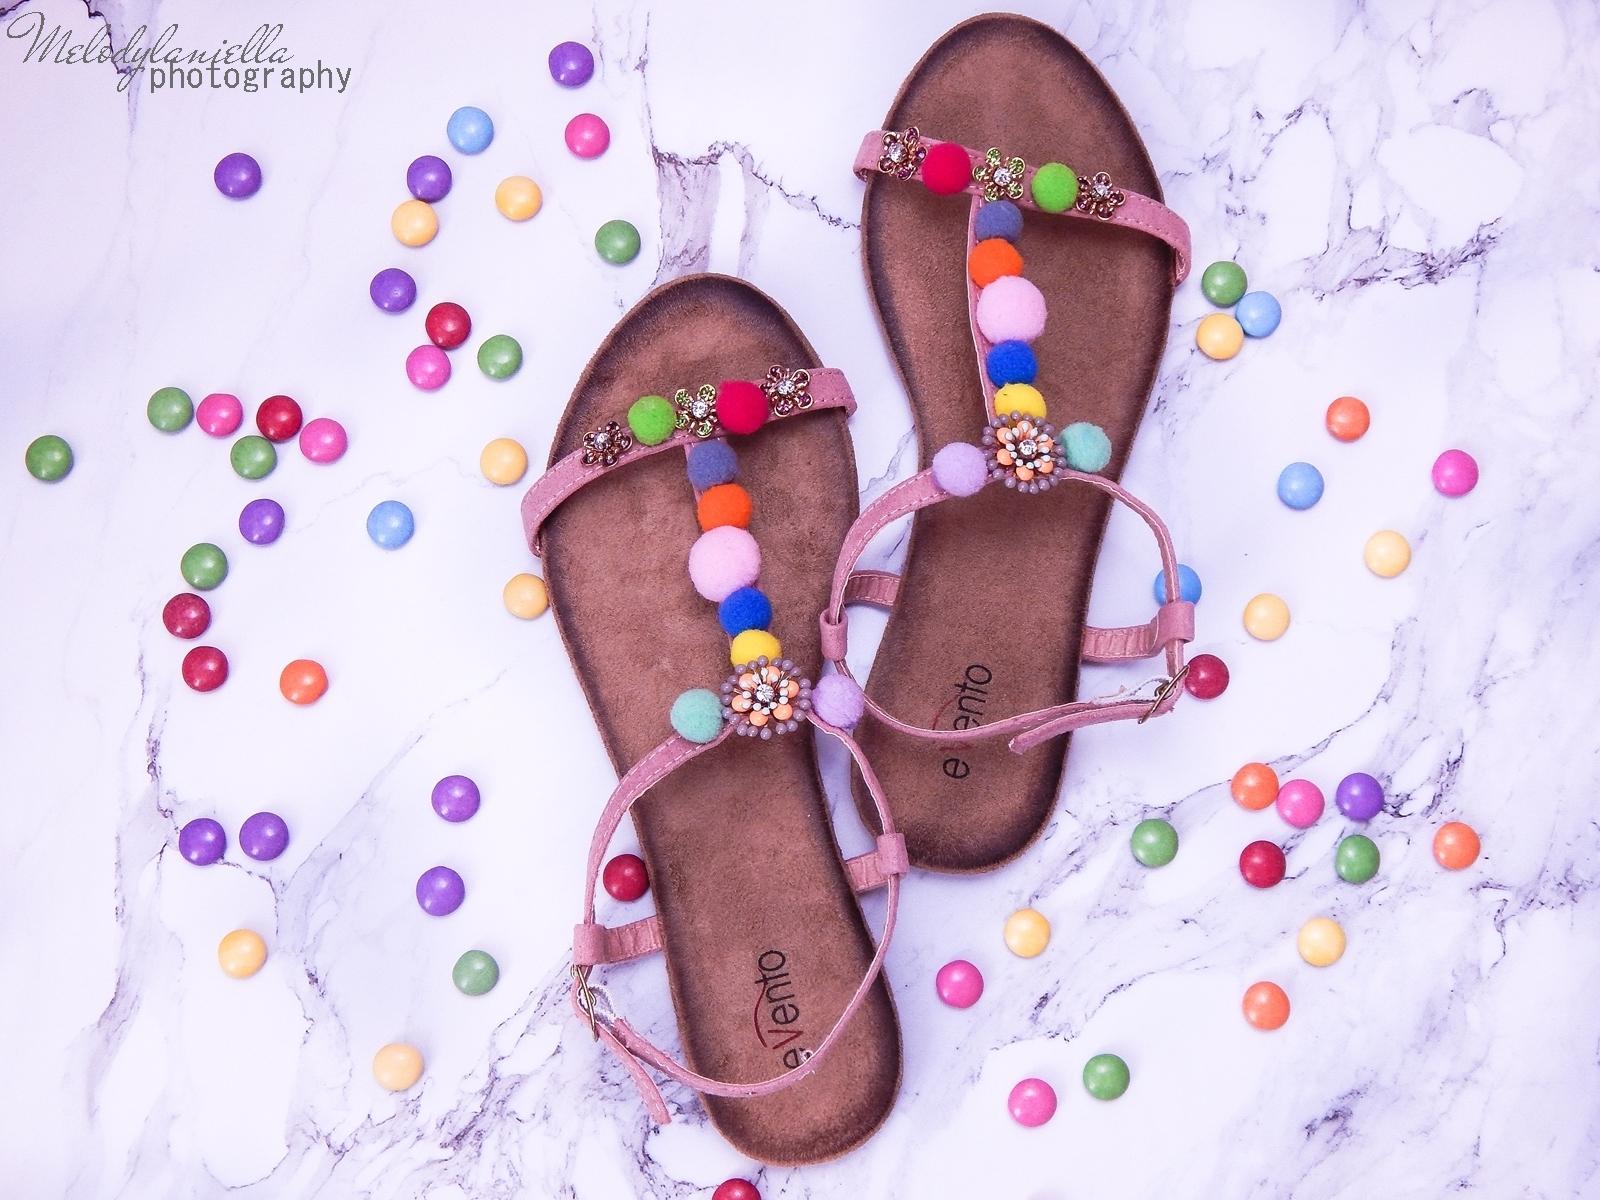 12 buty łuków baleriny tenisówki mokasyny sandały z ponopnami trzy modele butów modnych na lato melodylaniella recenzje buty coca-cola szare półbuty z kokardą buty na wesele buty do sukienki moda